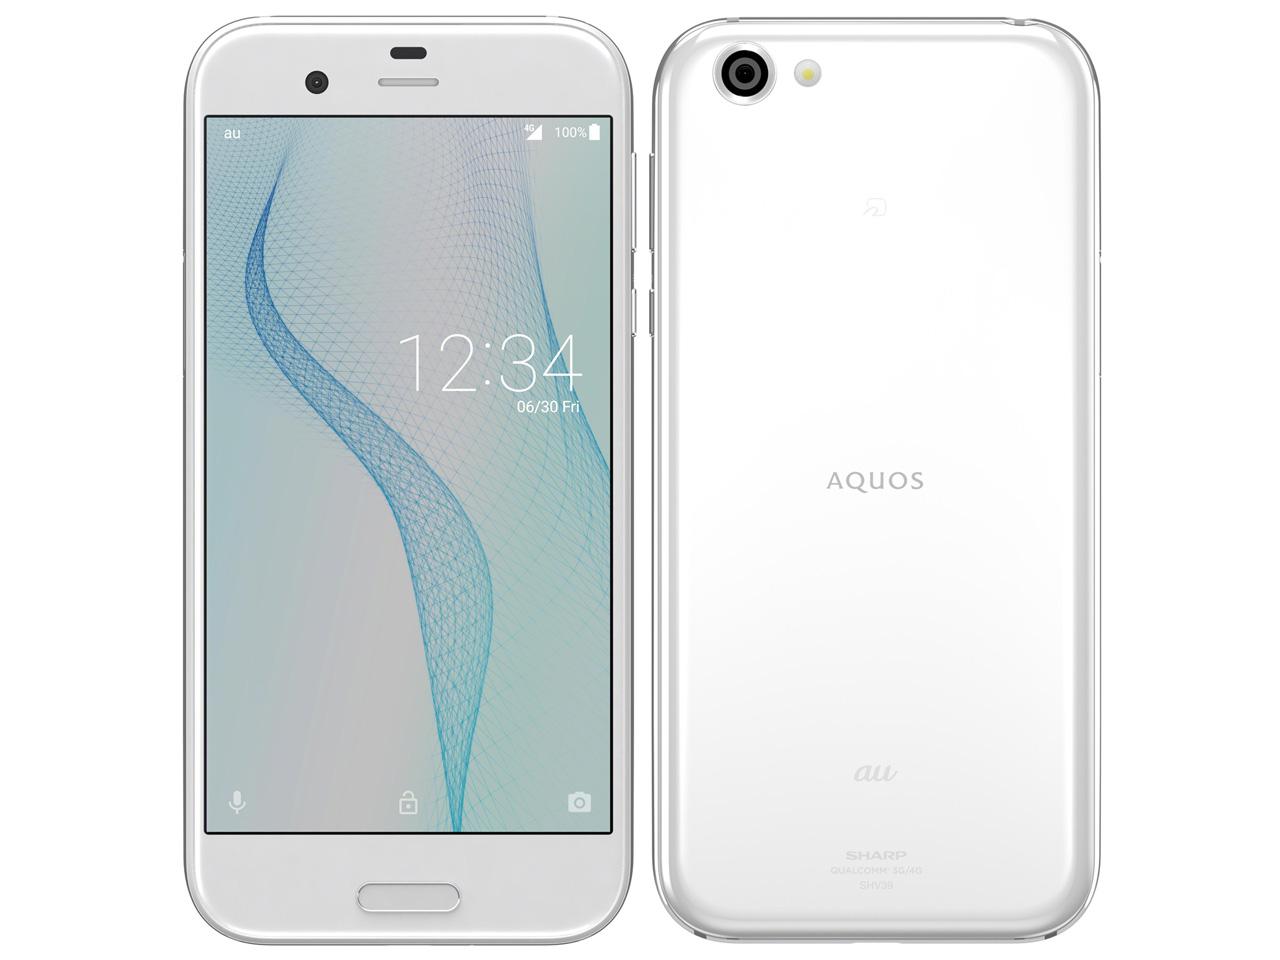 【新品・白ロム・本体】SIMロック解除済 au AQUOS R SHV39 ジルコニアホワイト White スマートフォン 携帯電話 SHARP(シャープ) SHV39 ホワイト shv39 shv39